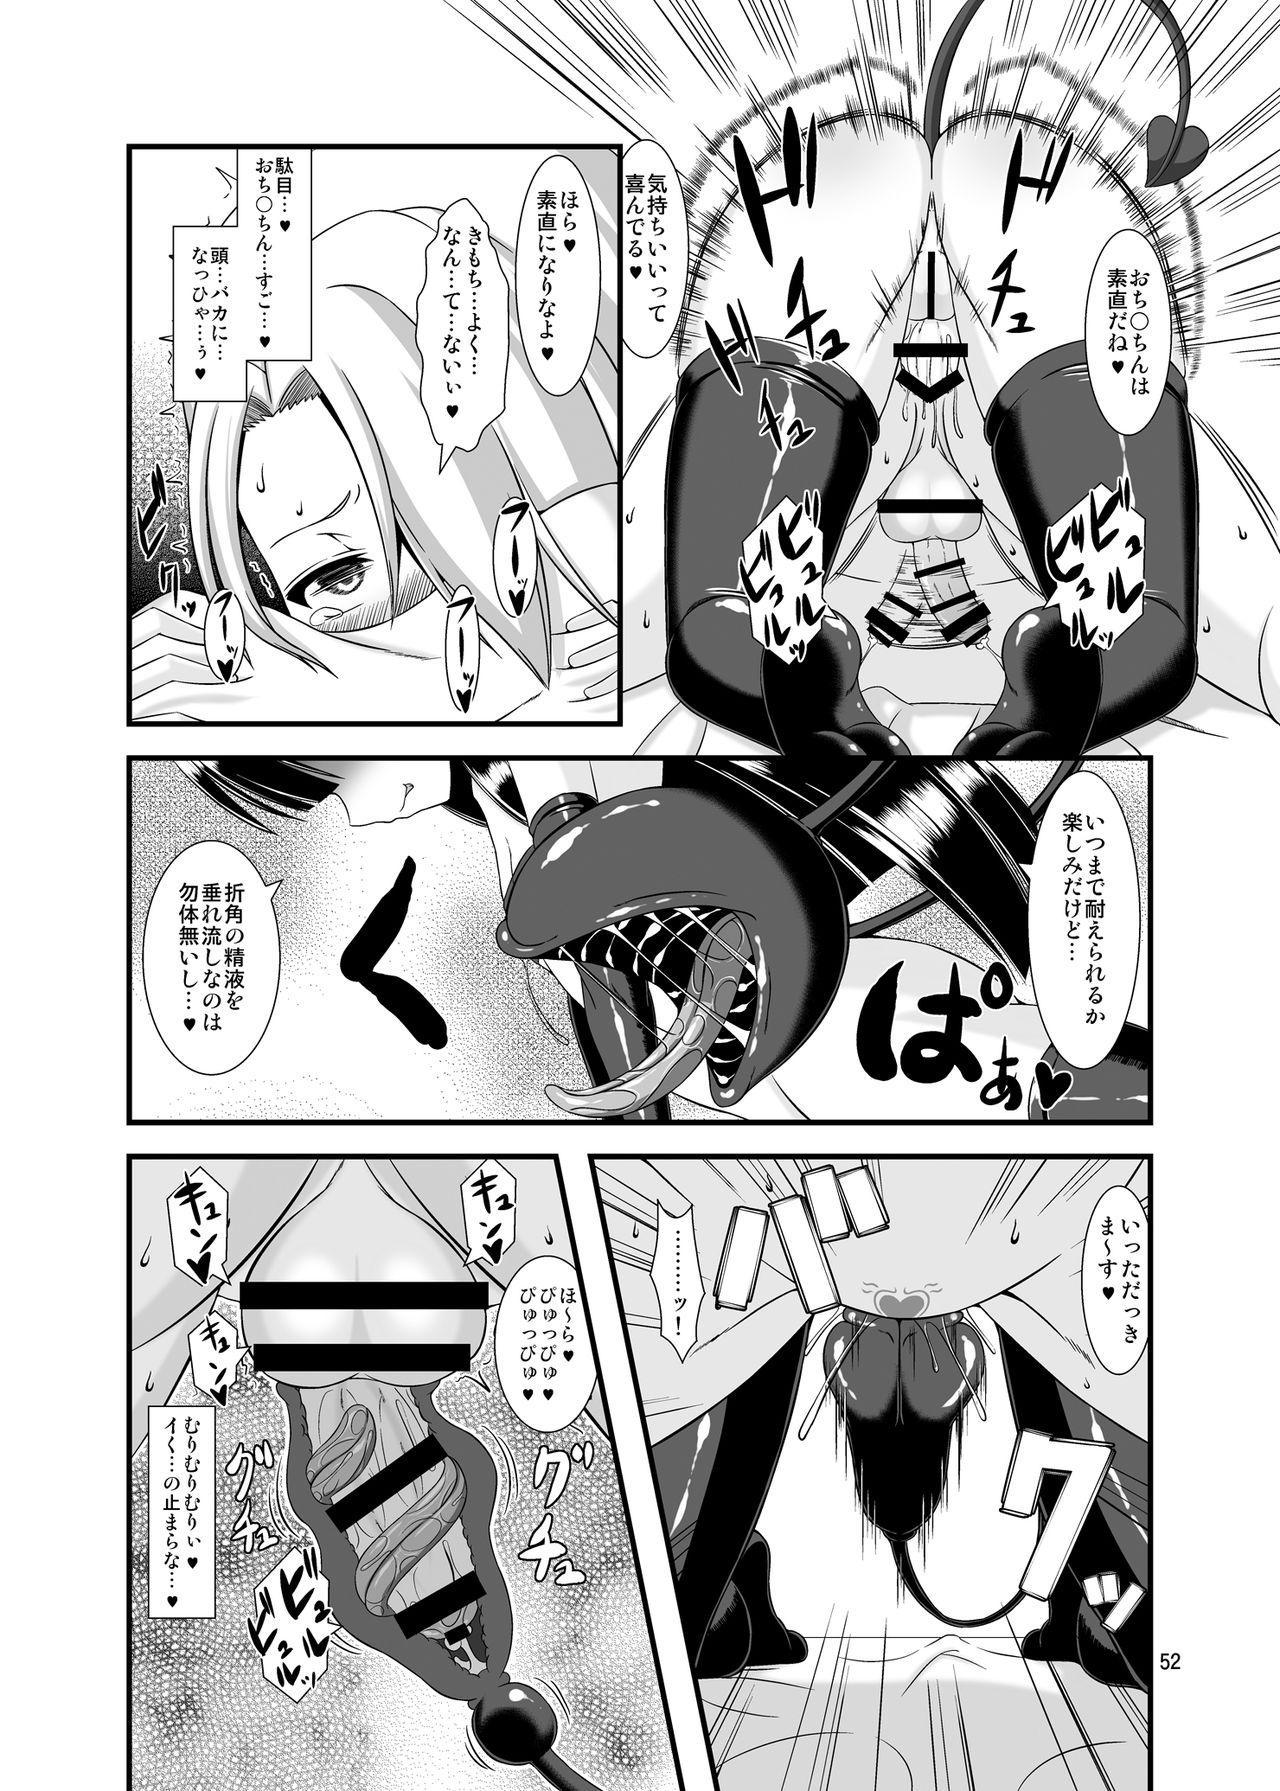 Futanari x Otoko Gyaku Anal Goudou Anata ga Mesu ni Narun desu yo 51